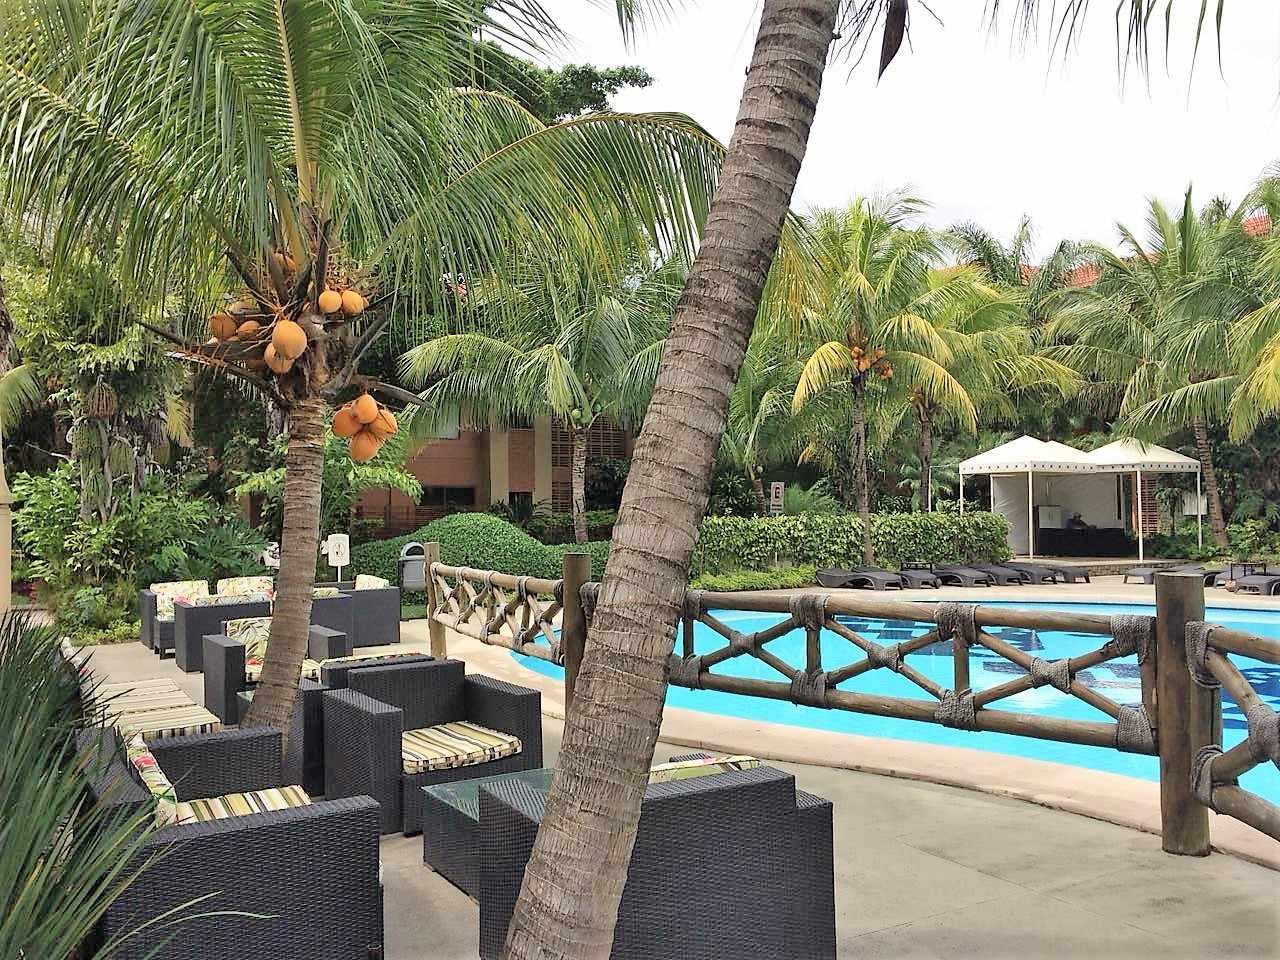 Departamento en Alquiler EN ALQUILER DPTO DE 2 DORM - Buganvillas Suits & Spa - Roca y Coronado  Foto 7